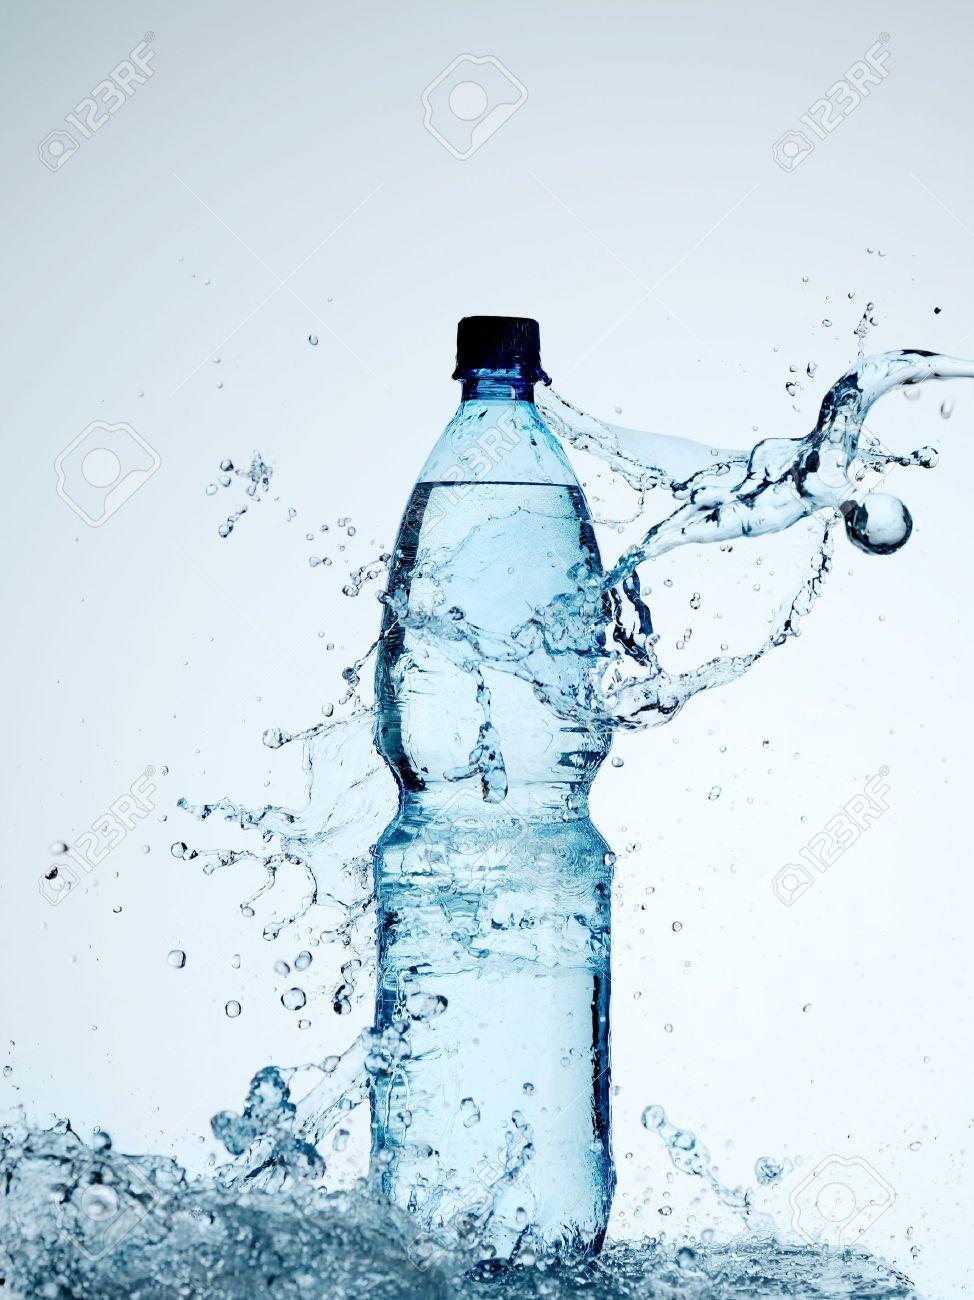 Преимущества умывания минеральной водой